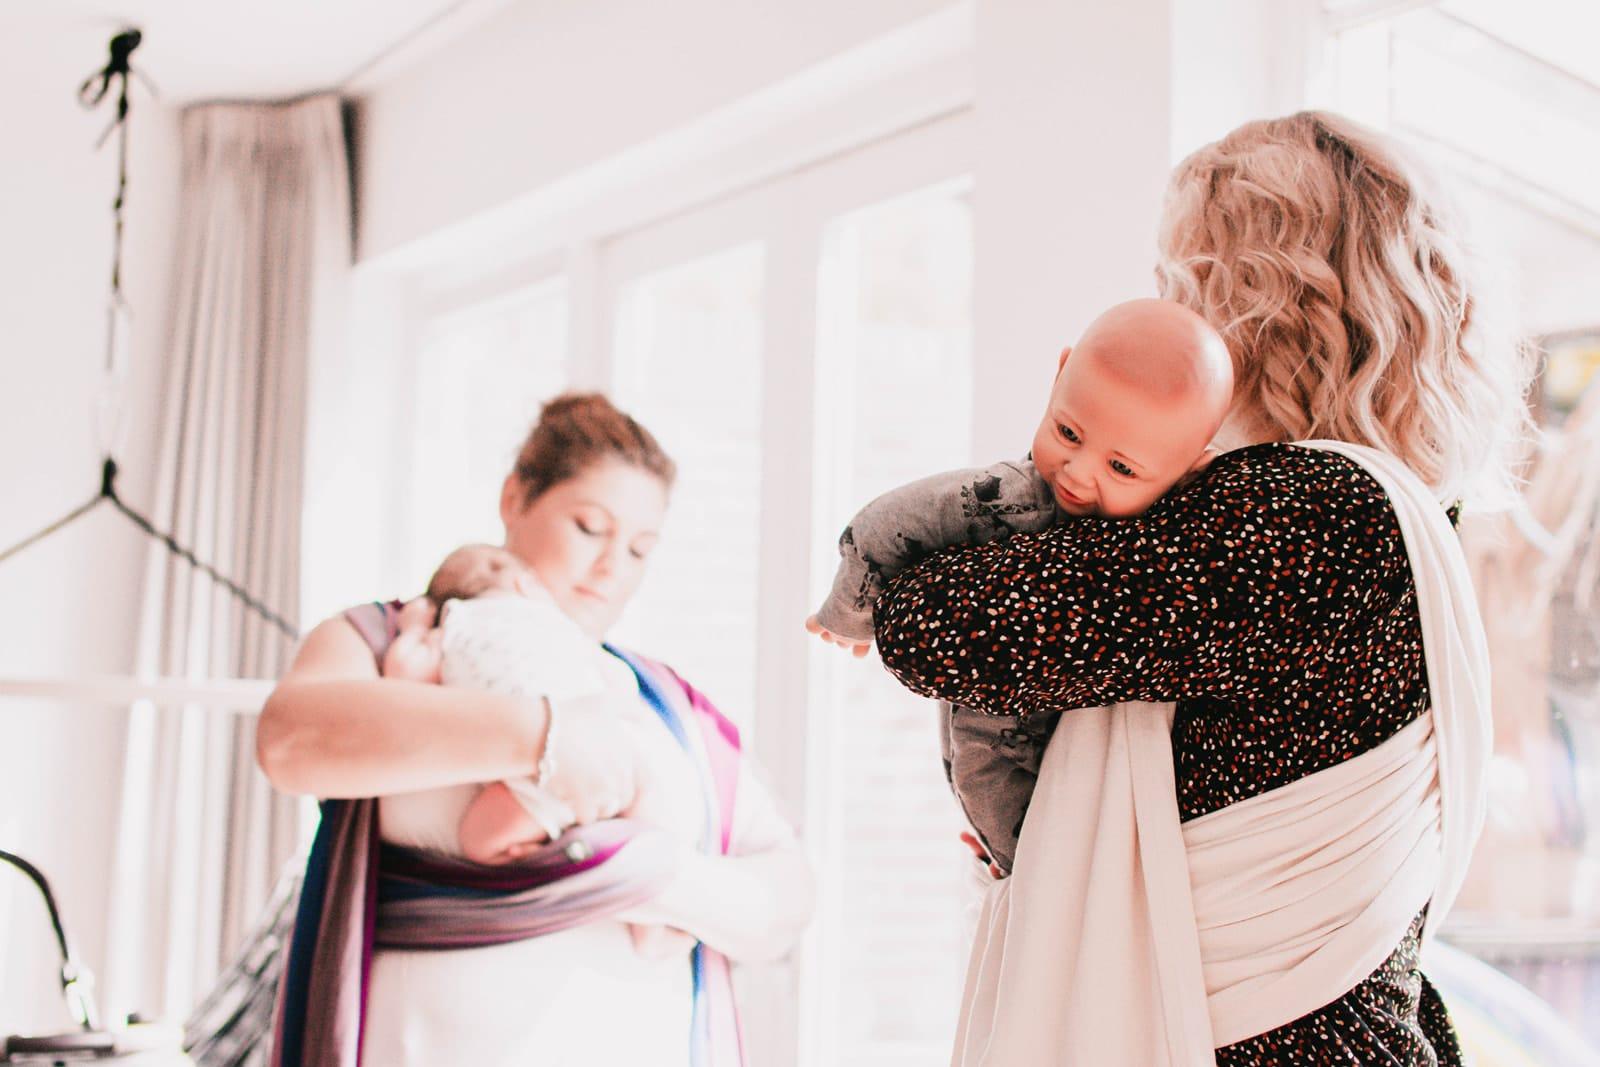 baby leren dragen met draagdoek krimpenerwaard